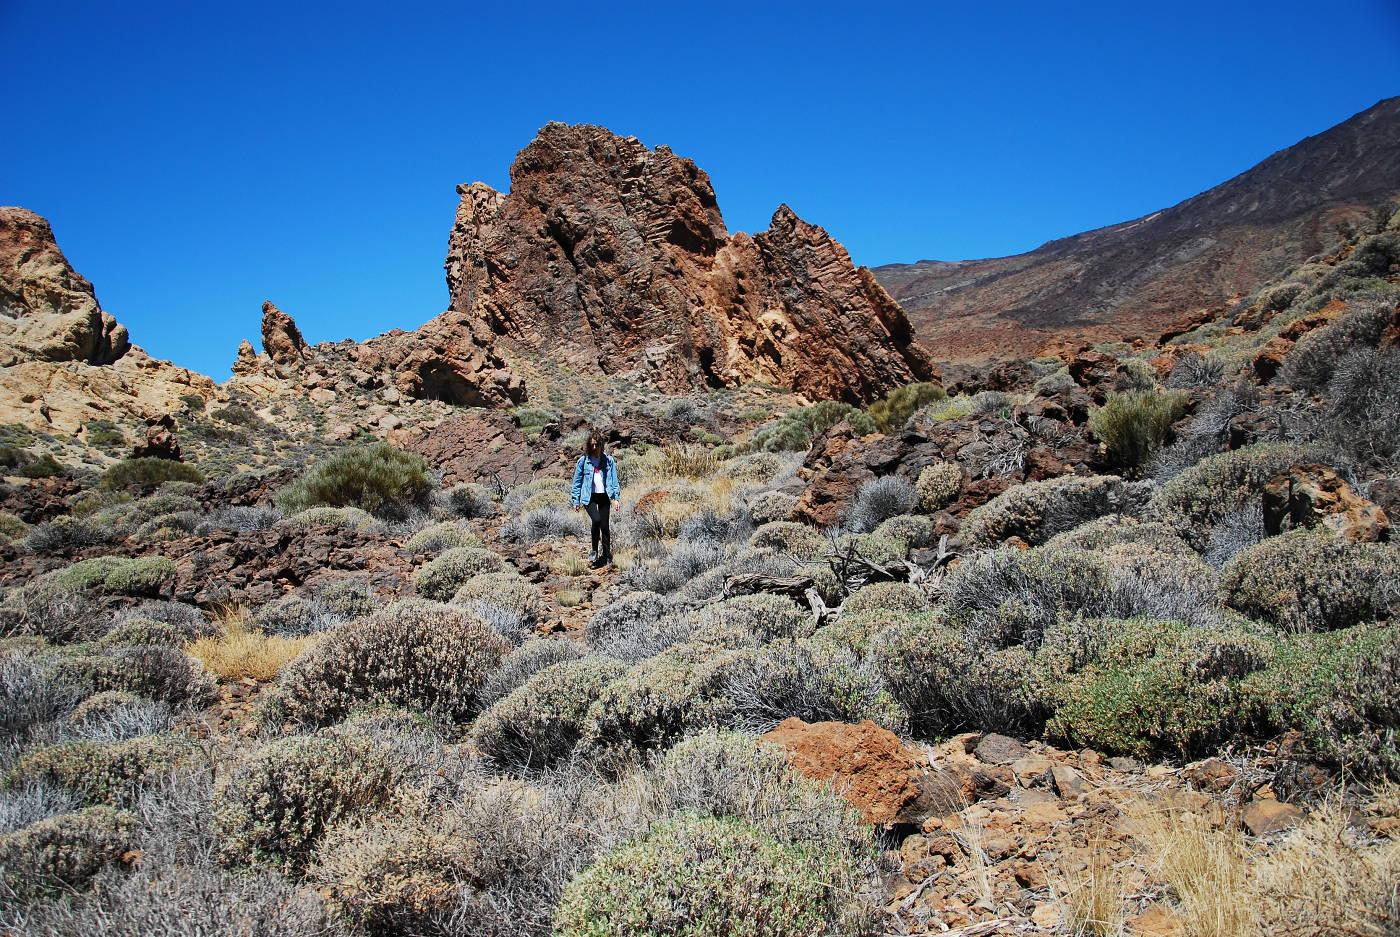 Randonnée Roques de Garcia dans le parc naturel de El Teide à Tenerife